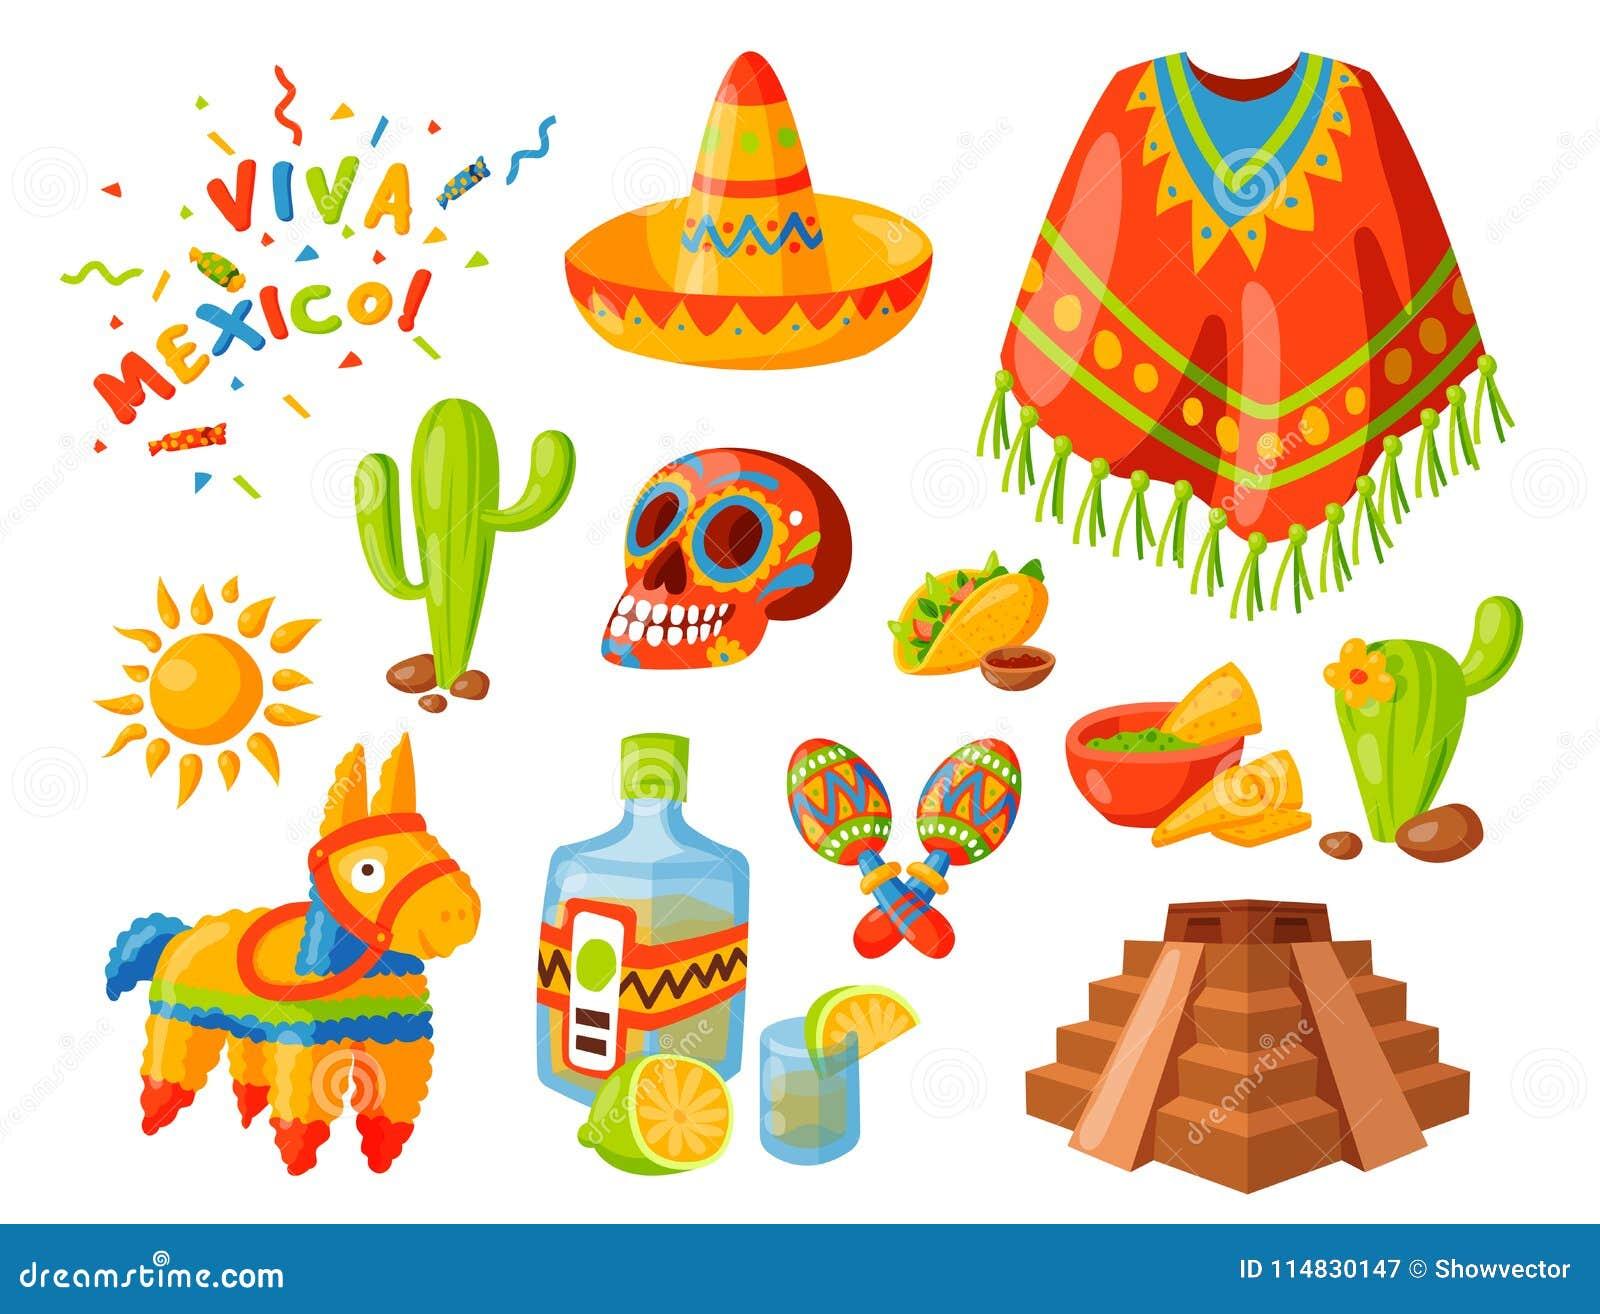 Meksyk ikon podróży tequila alkoholu fiesta napoju wektorowego ilustracyjnego tradycyjnego graficznego pochodzenia etnicznego mar